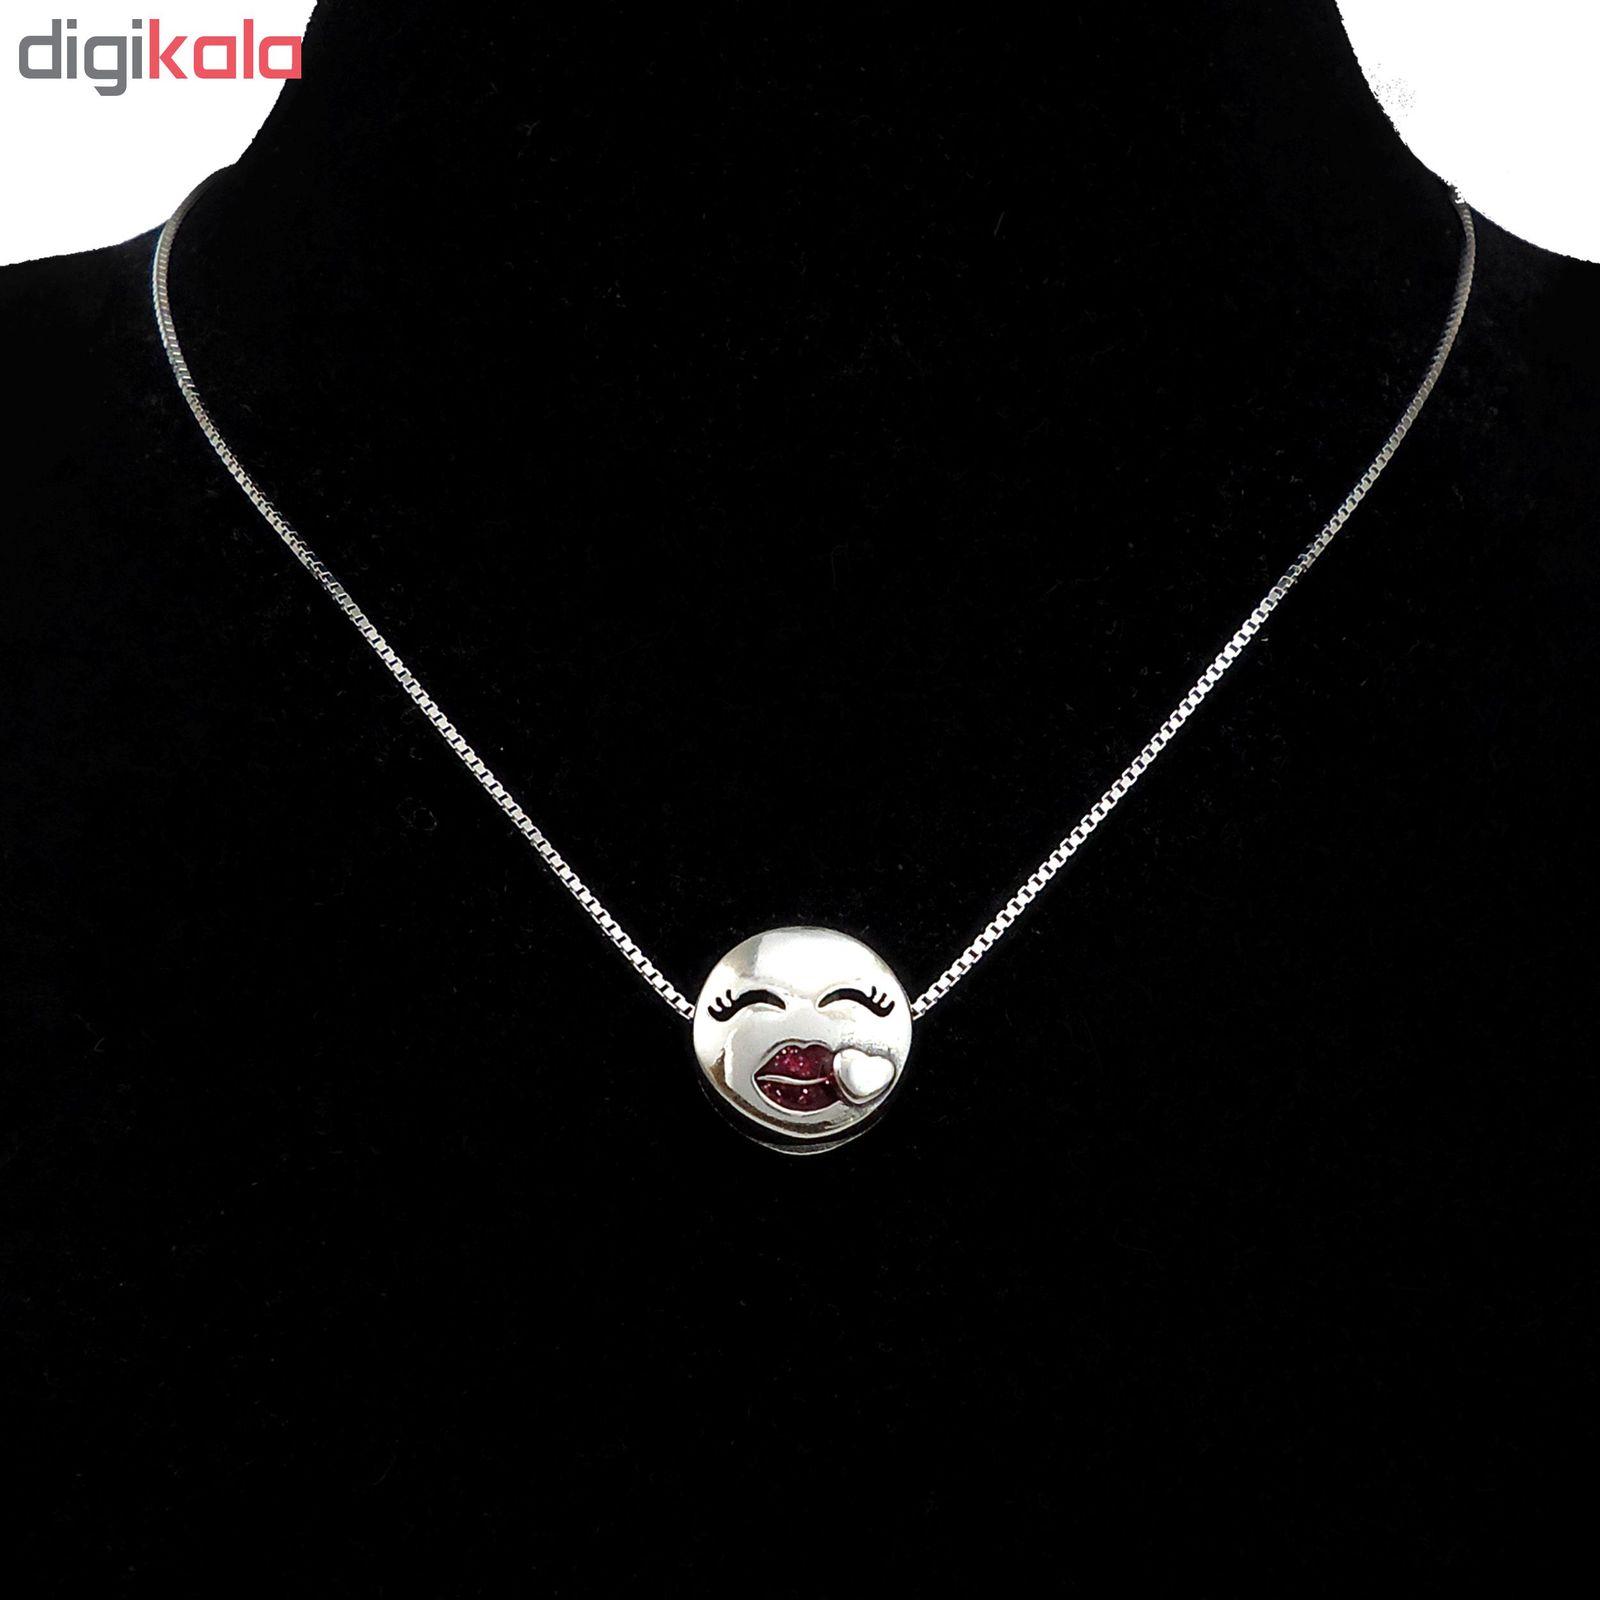 گردنبند نقره زنانه آی جواهر طرح عشق کد 77371